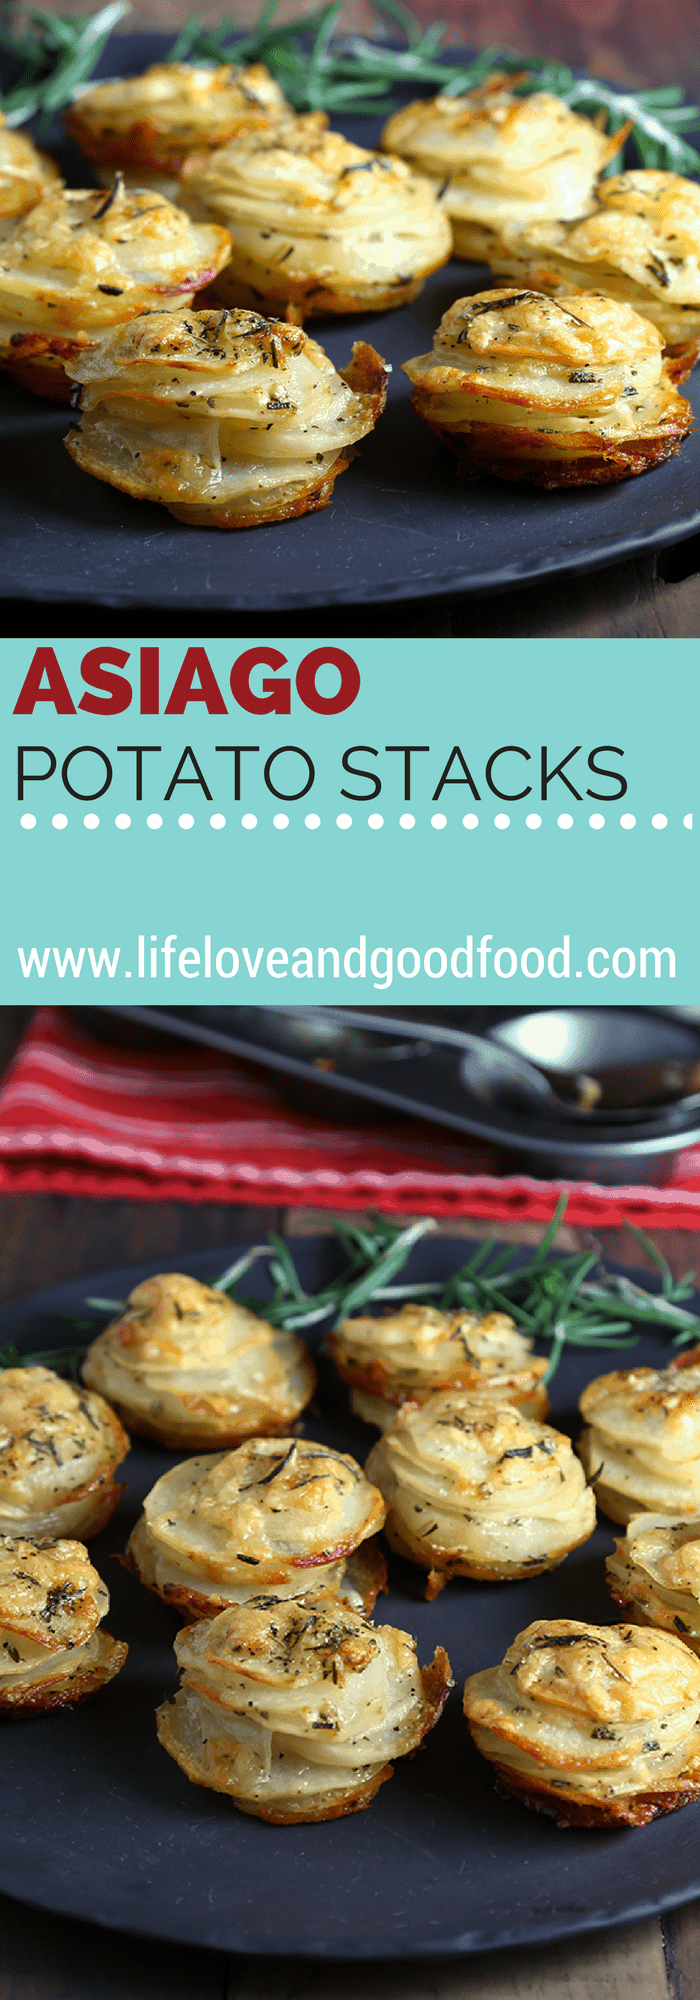 Asiago Potato Stacks Life, Love, and Good Food